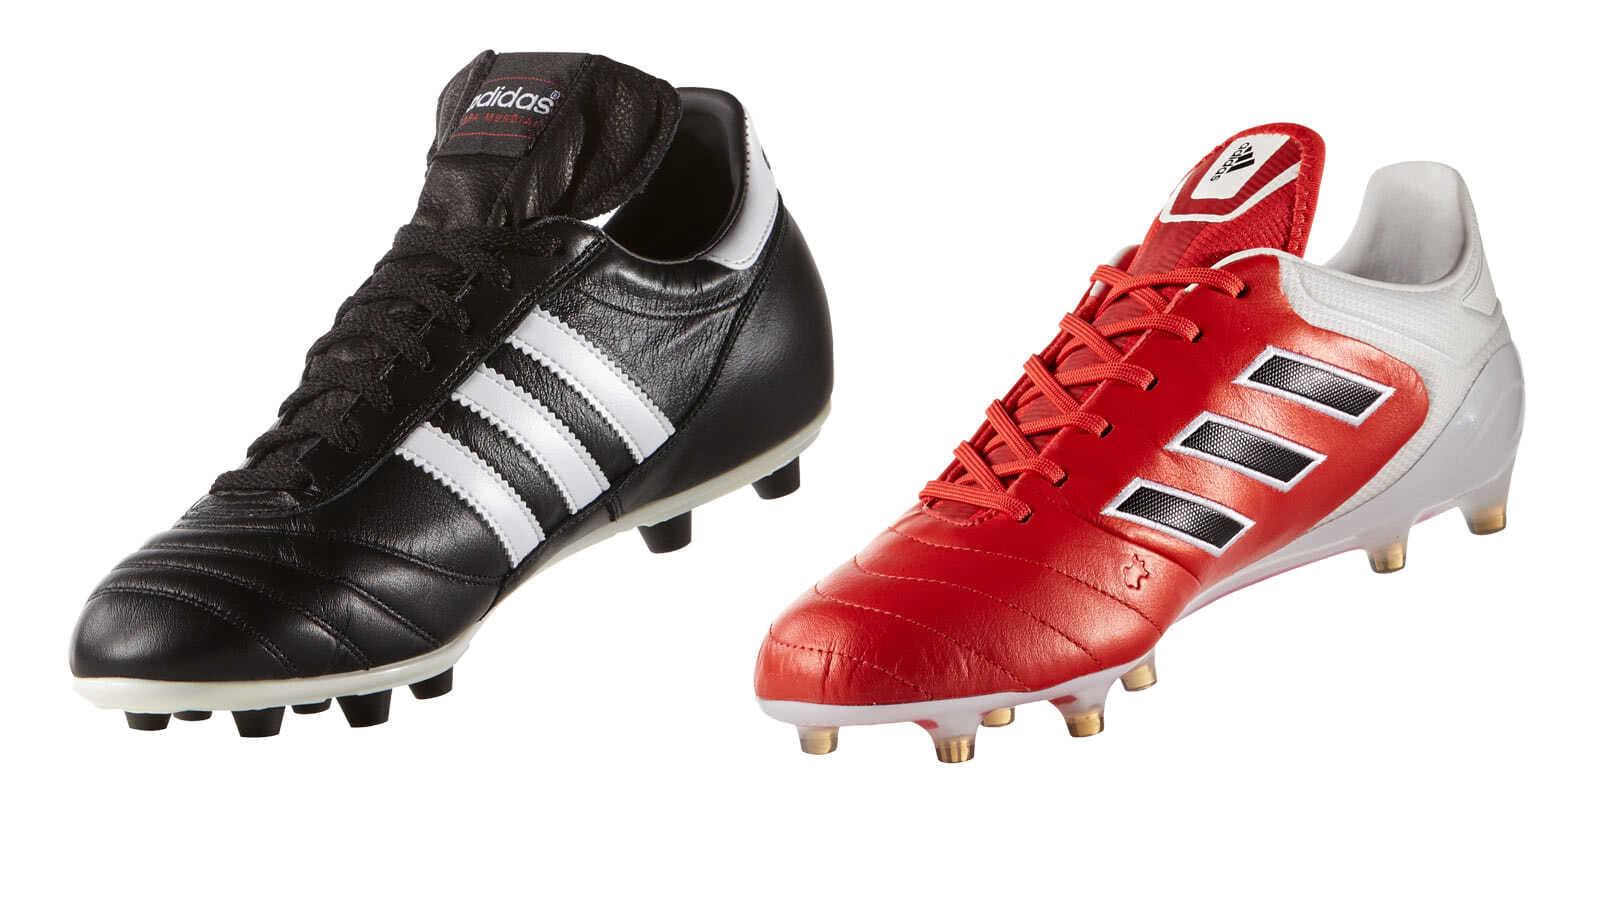 Unterschiede zwischen Adidas Copa 17.1 und Adidas Copa Mundial